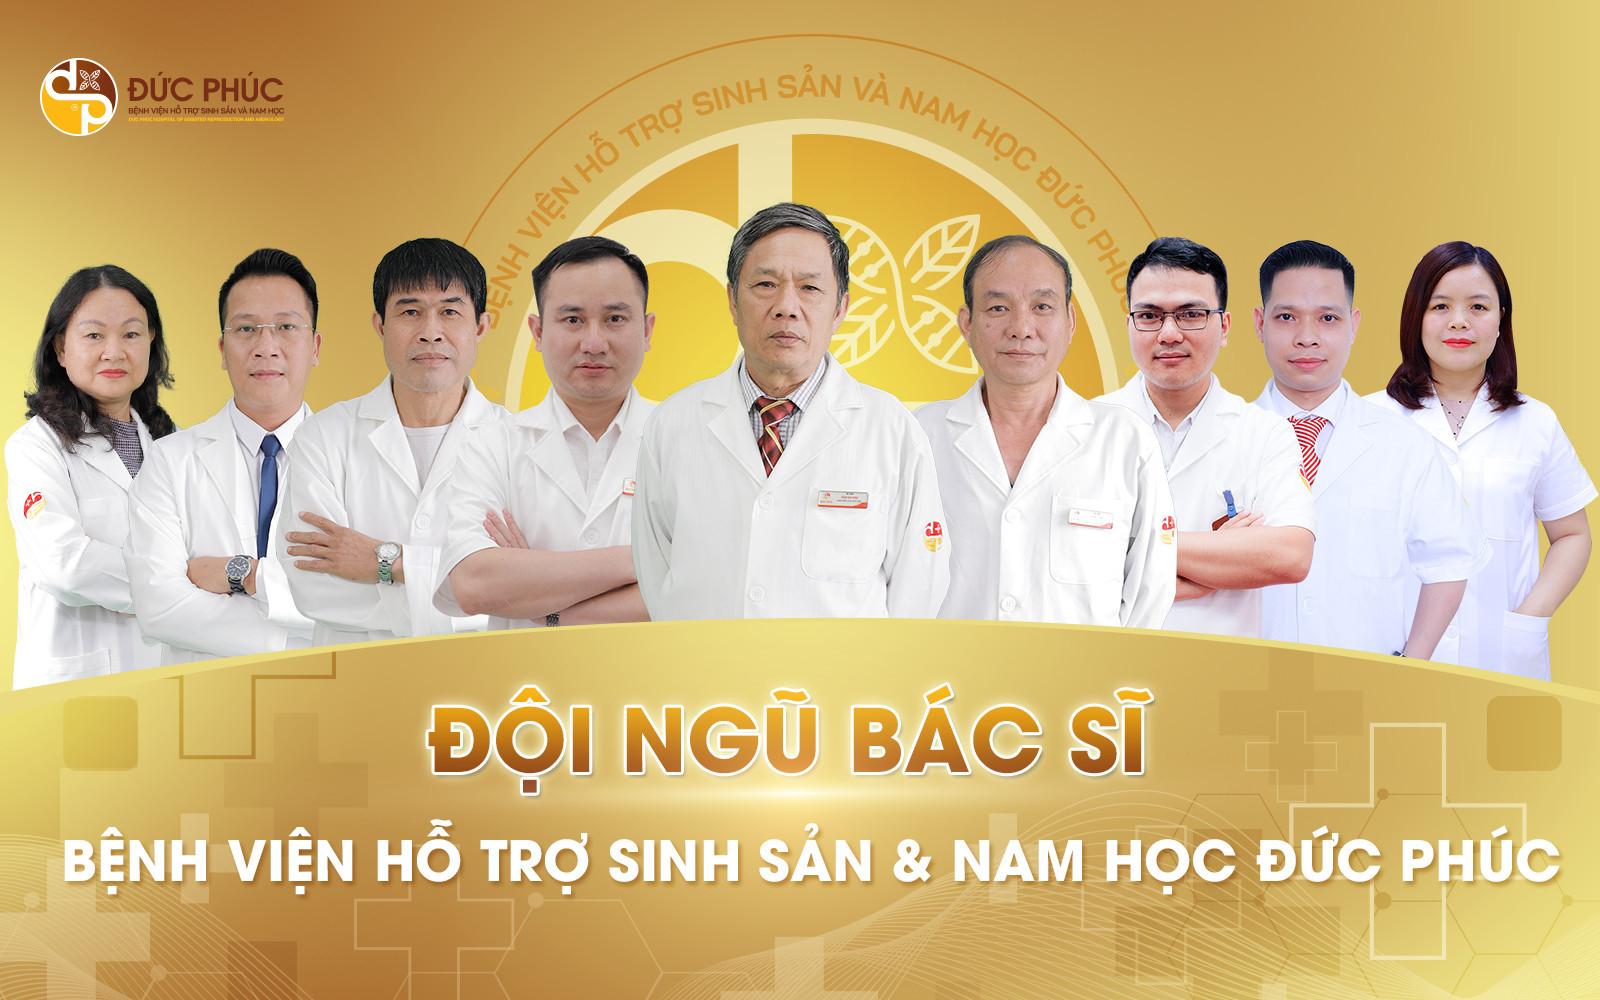 Đội ngũ bác sĩ dày dạn kinh nghiệm tại Bệnh viện Đức Phúc